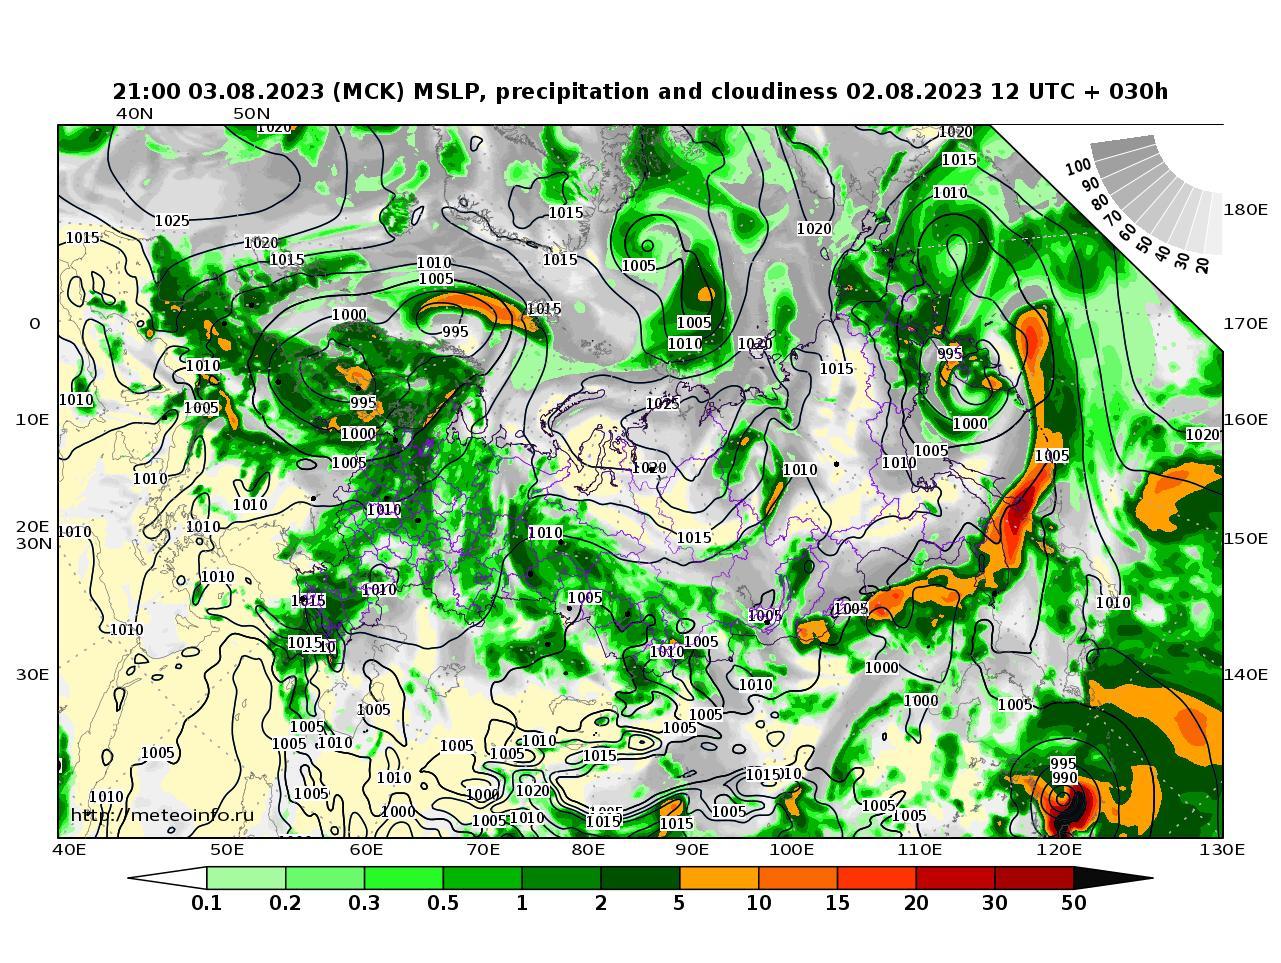 Россия, прогностическая карта осадки и давление, заблаговременность прогноза 30 часов